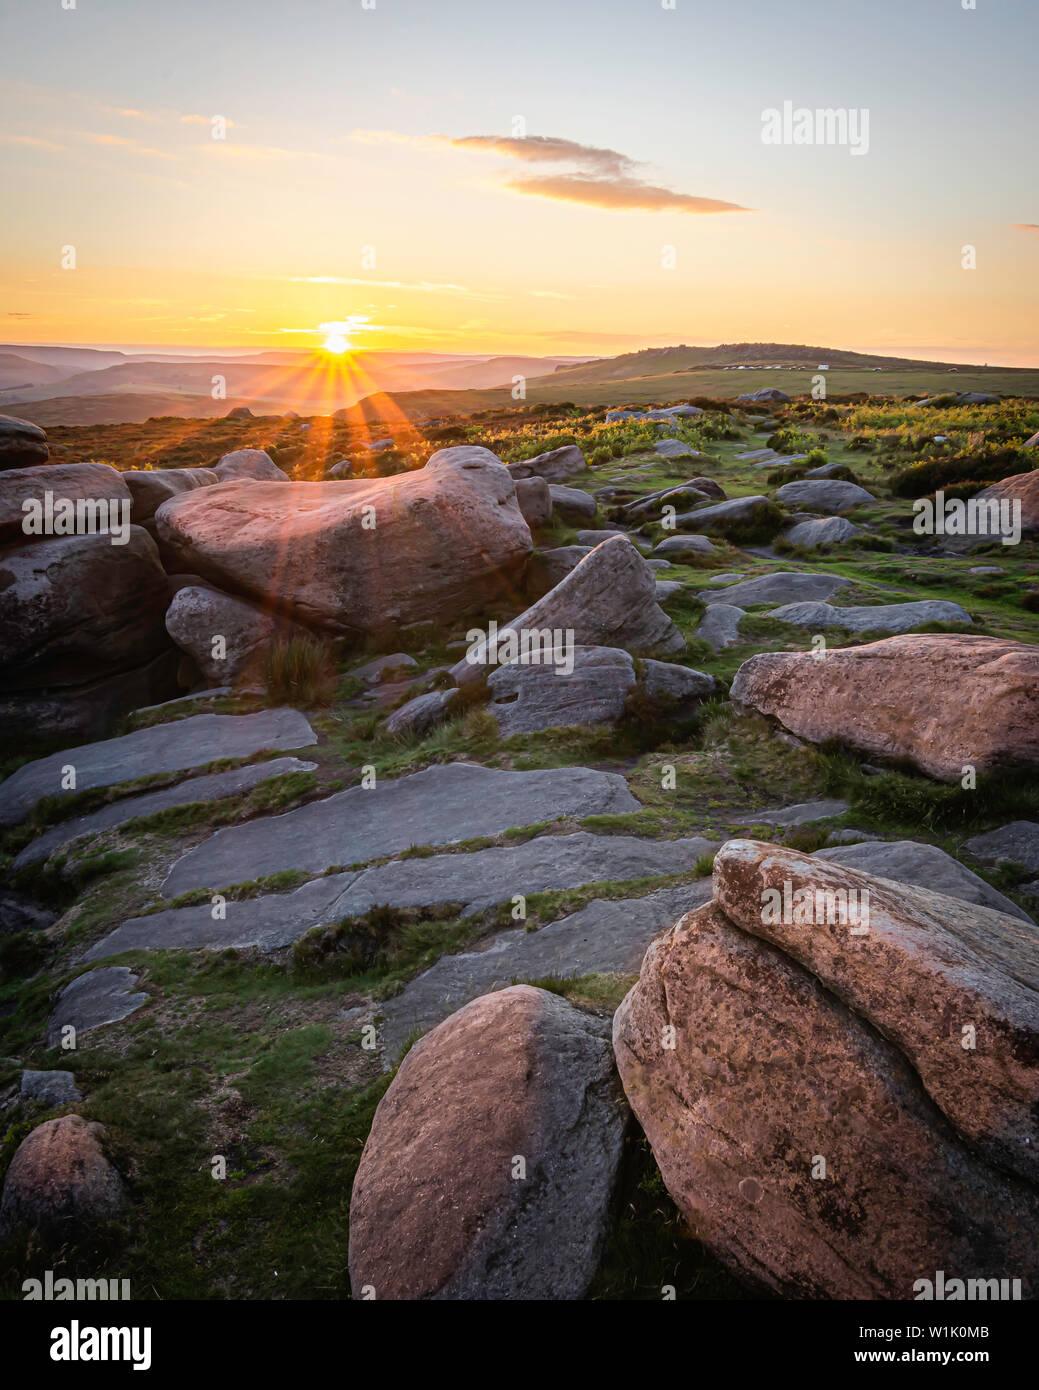 Scène Coucher du soleil dans les régions rurales de Peak District, Derbyshire, UK.des pierres en haut de la colline éclairée par horizon soleil derrière.Ethereal soir paysage.ima Paysage Banque D'Images